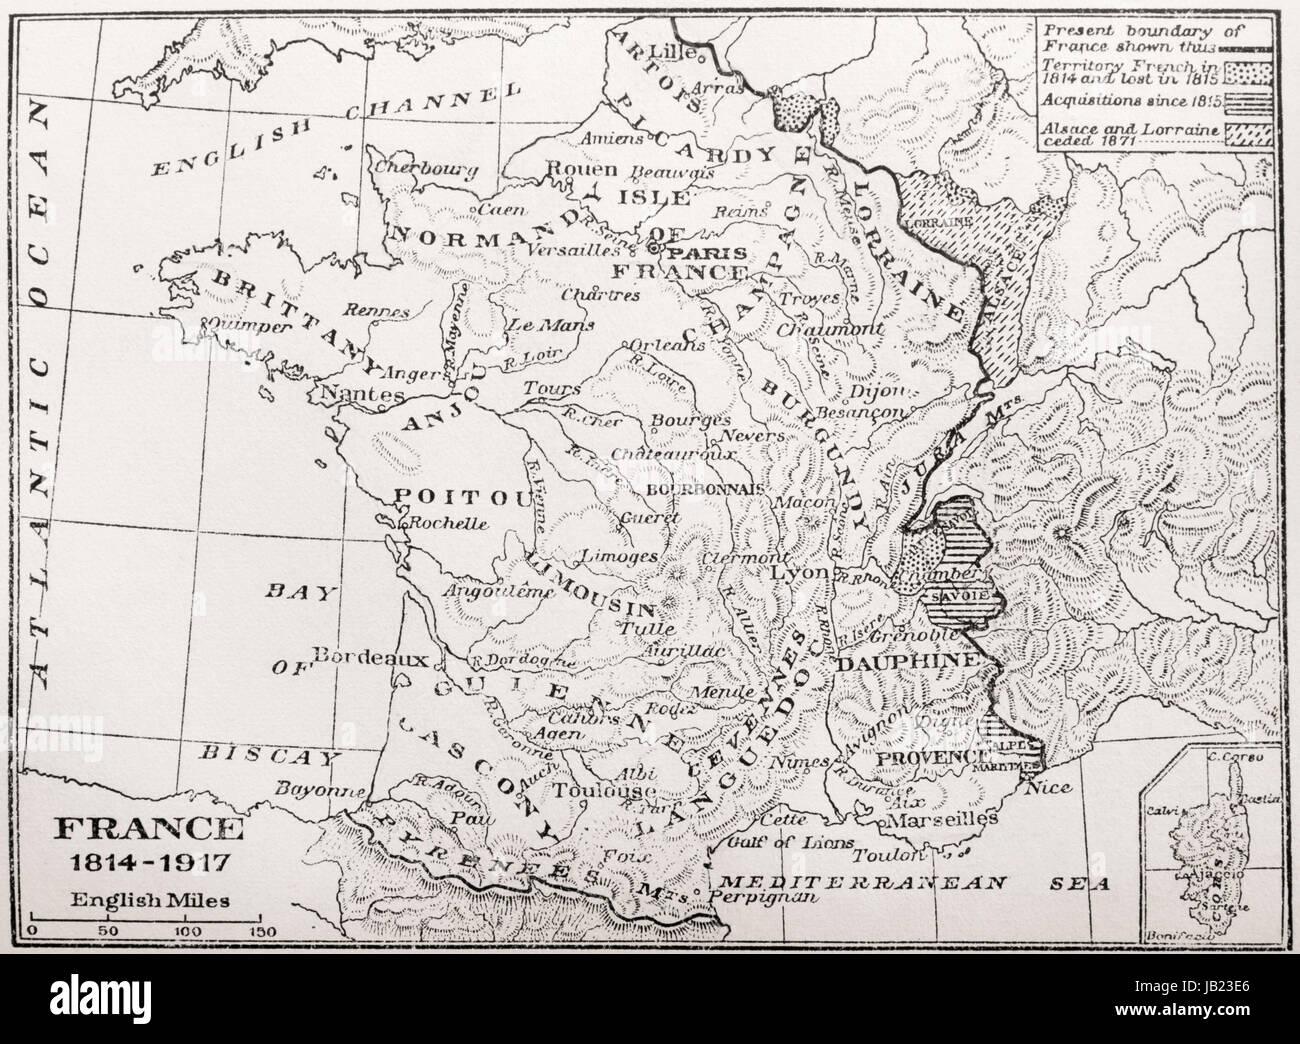 Mapa de Francia, 1814-1917. Desde Francia, una historia medieval y moderno, publicado en 1918. Foto de stock